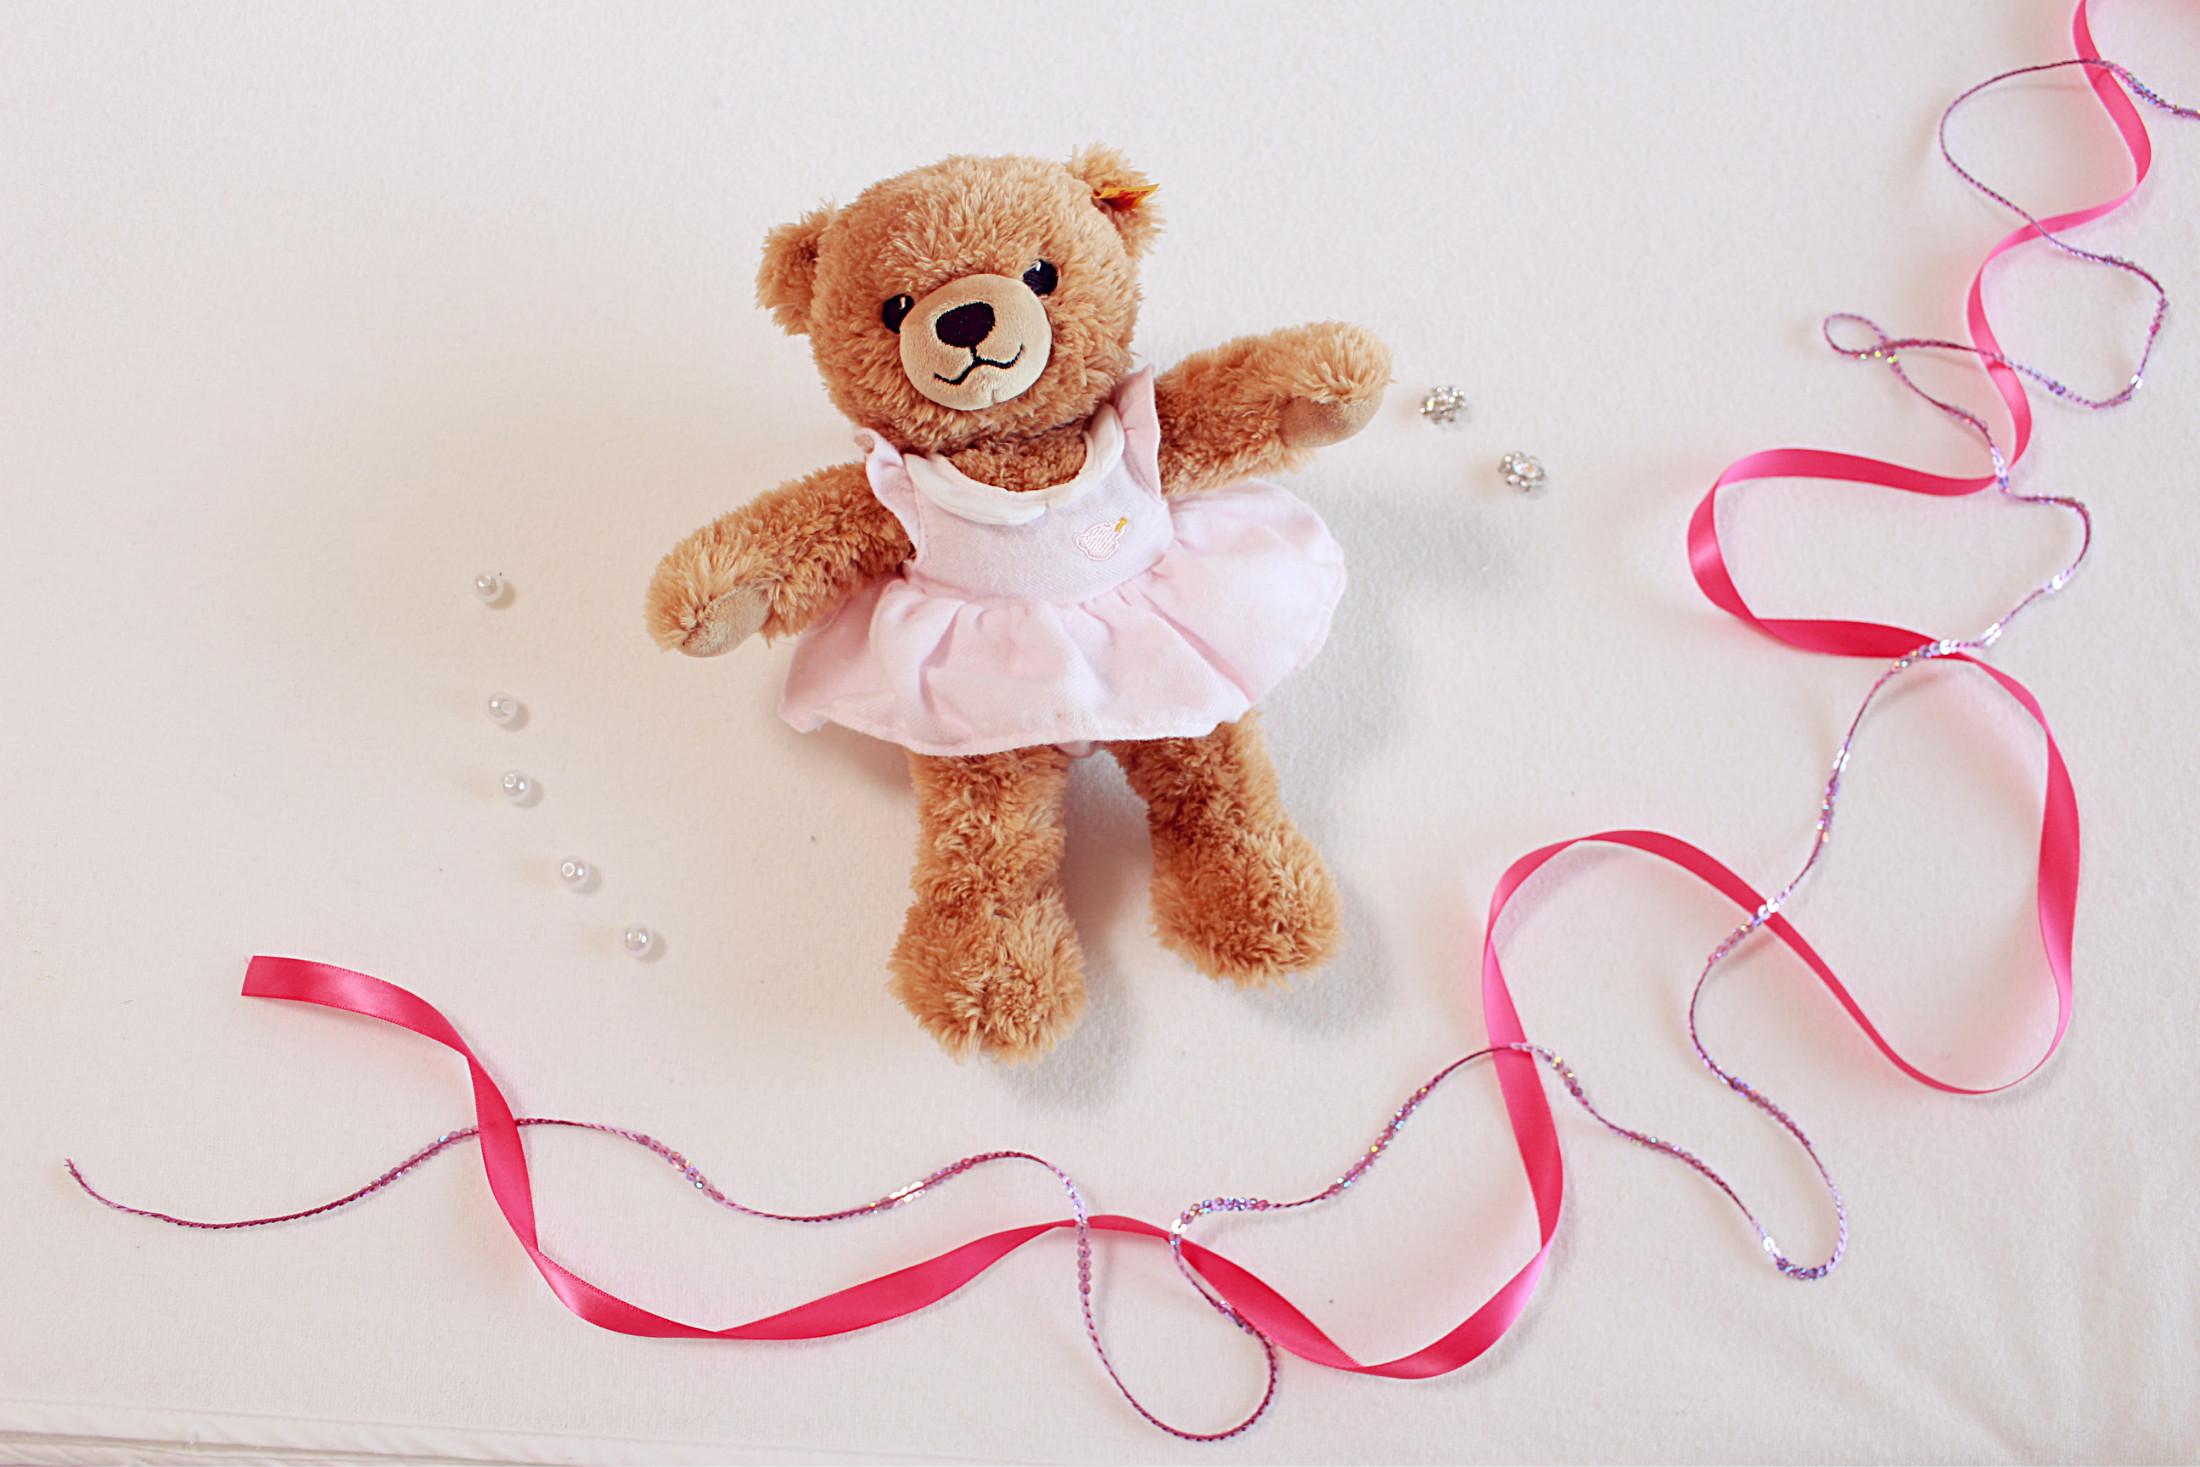 赤ちゃんへの初めてのプレゼントにシュタイフベアーはいかが?